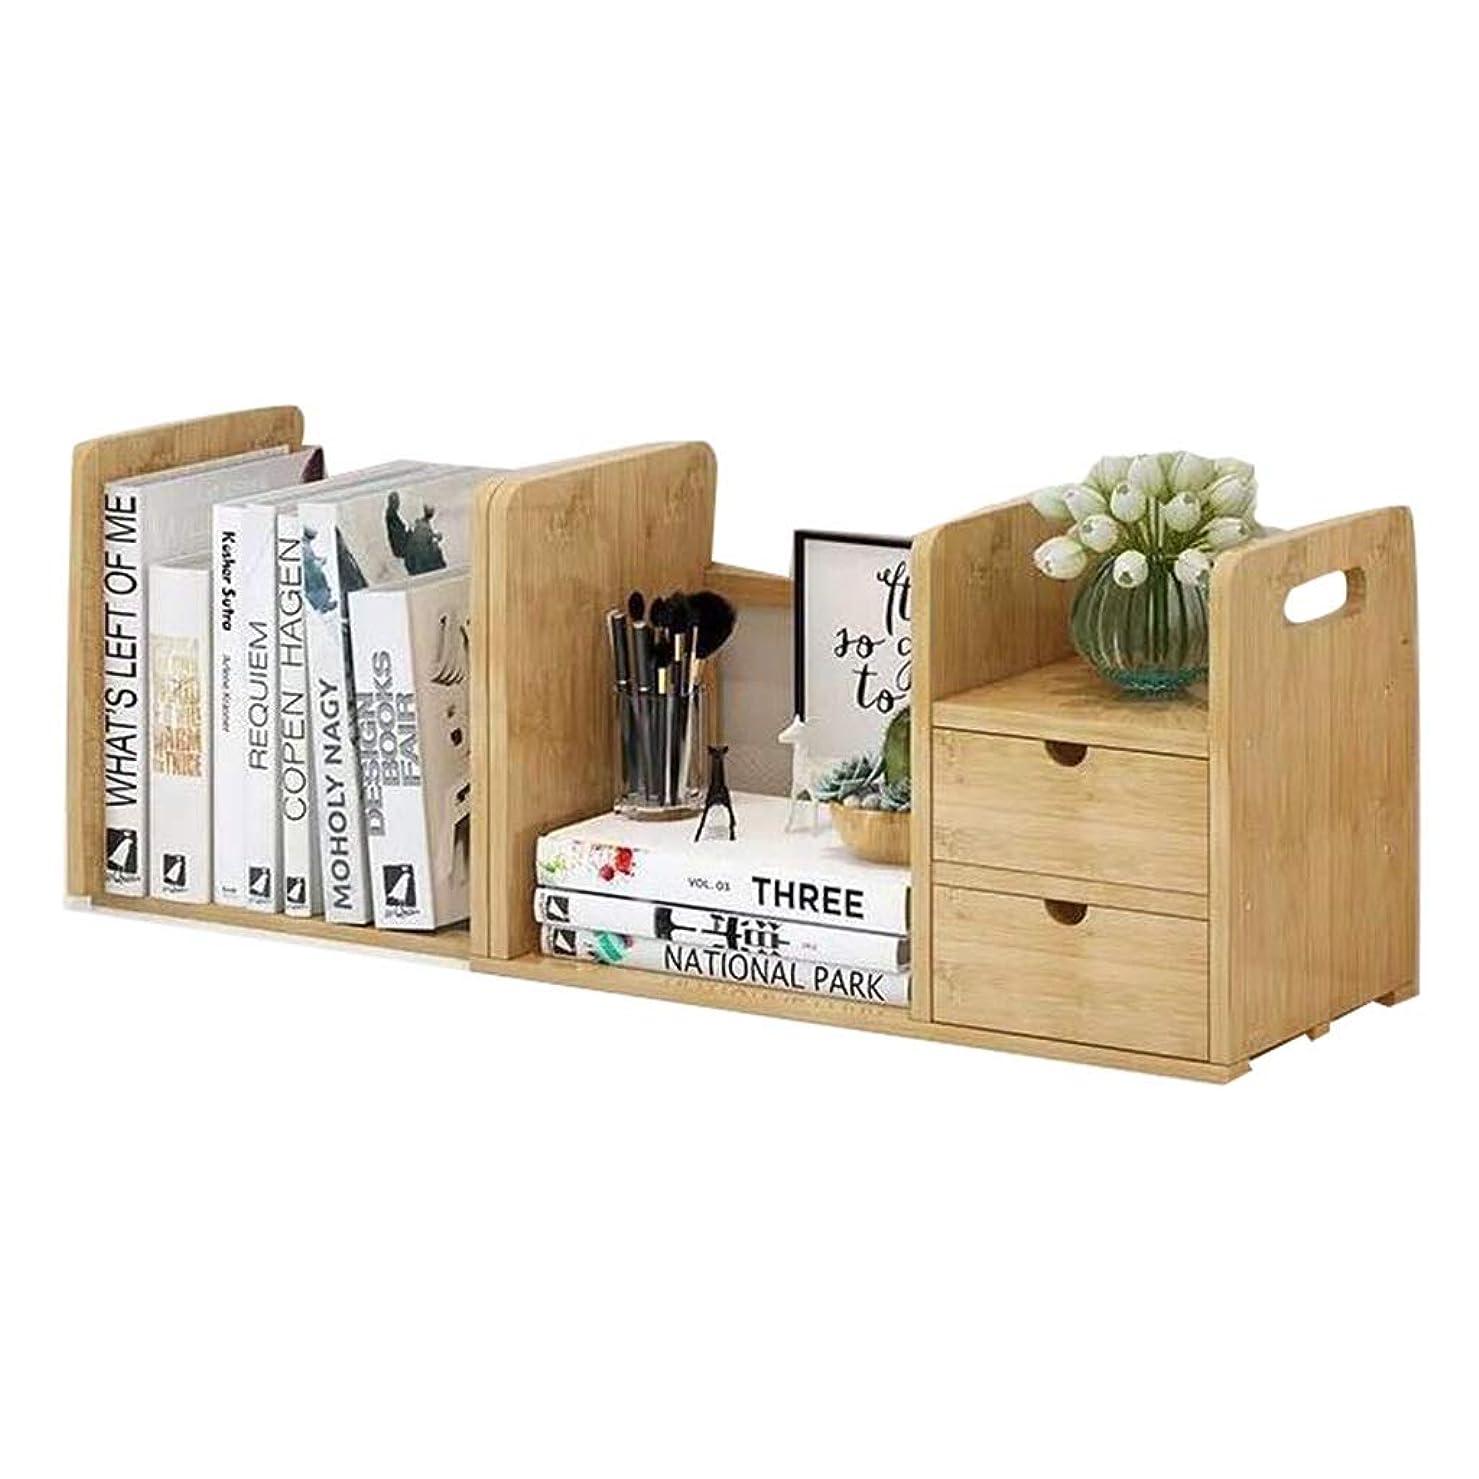 交通笑い管理する本棚/本箱/居間の靴箱/cd収納/バルコニーの花壇/事務机の棚/学生収納棚/積載量20kg 収納家具 (Color : Wood color, Size : 80*19*23cm)